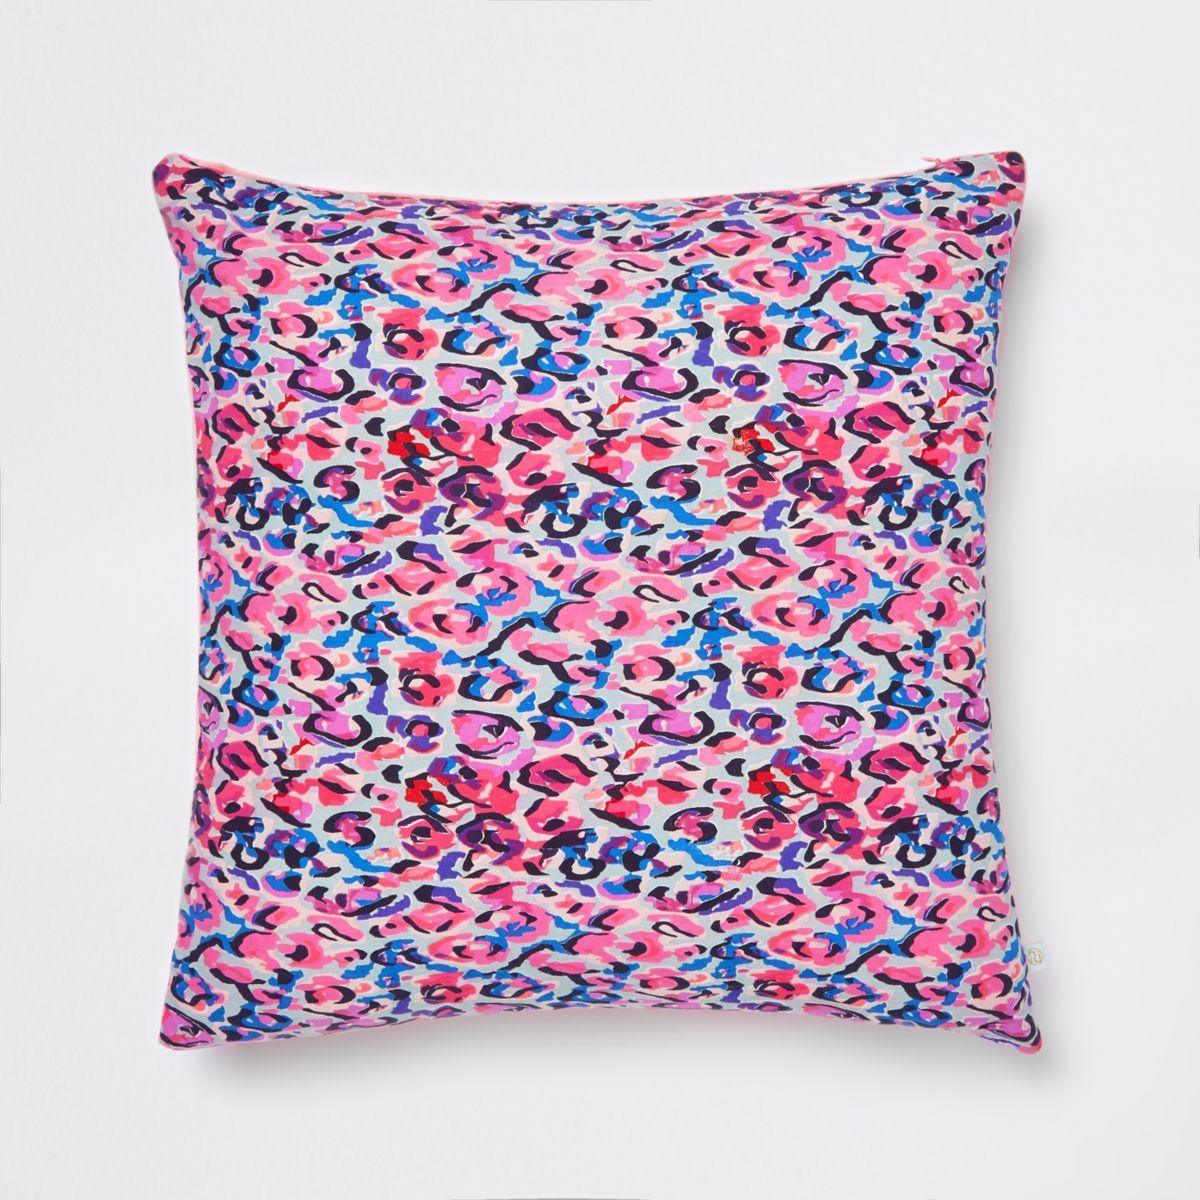 Multi leopard print cushion with velvet back